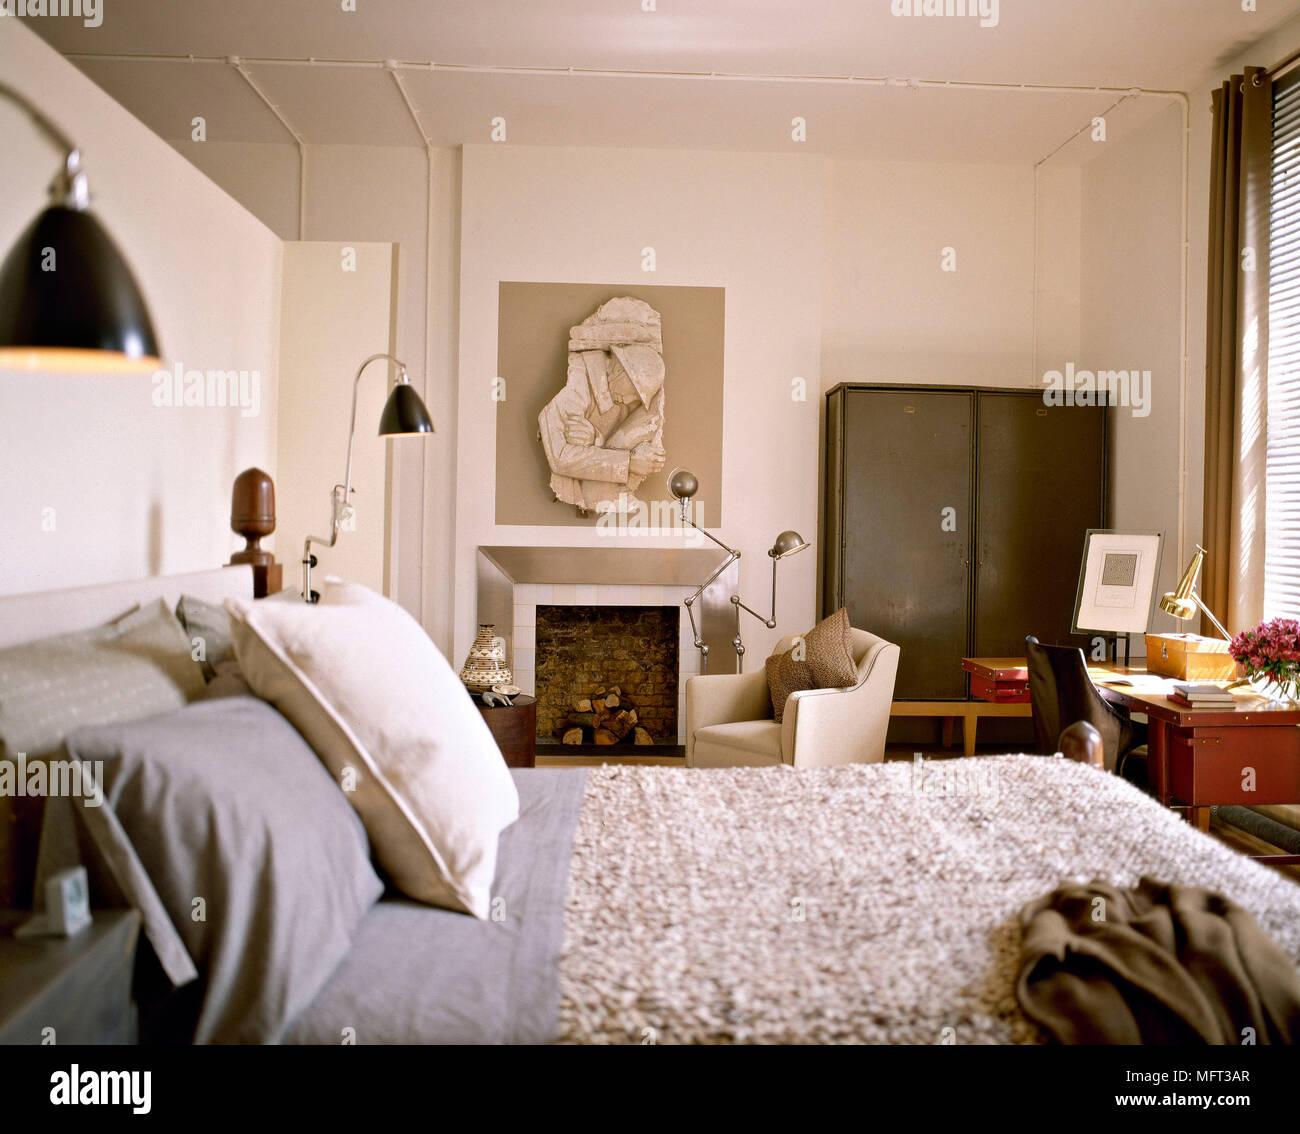 Moderne Neutral Schlafzimmer Bett Aus Holz Strukturierte Abdeckung Kamin  Metall Surround Schreibtischstuhl Interieur Schlafzimmer Betten Moderne  Männliche ...